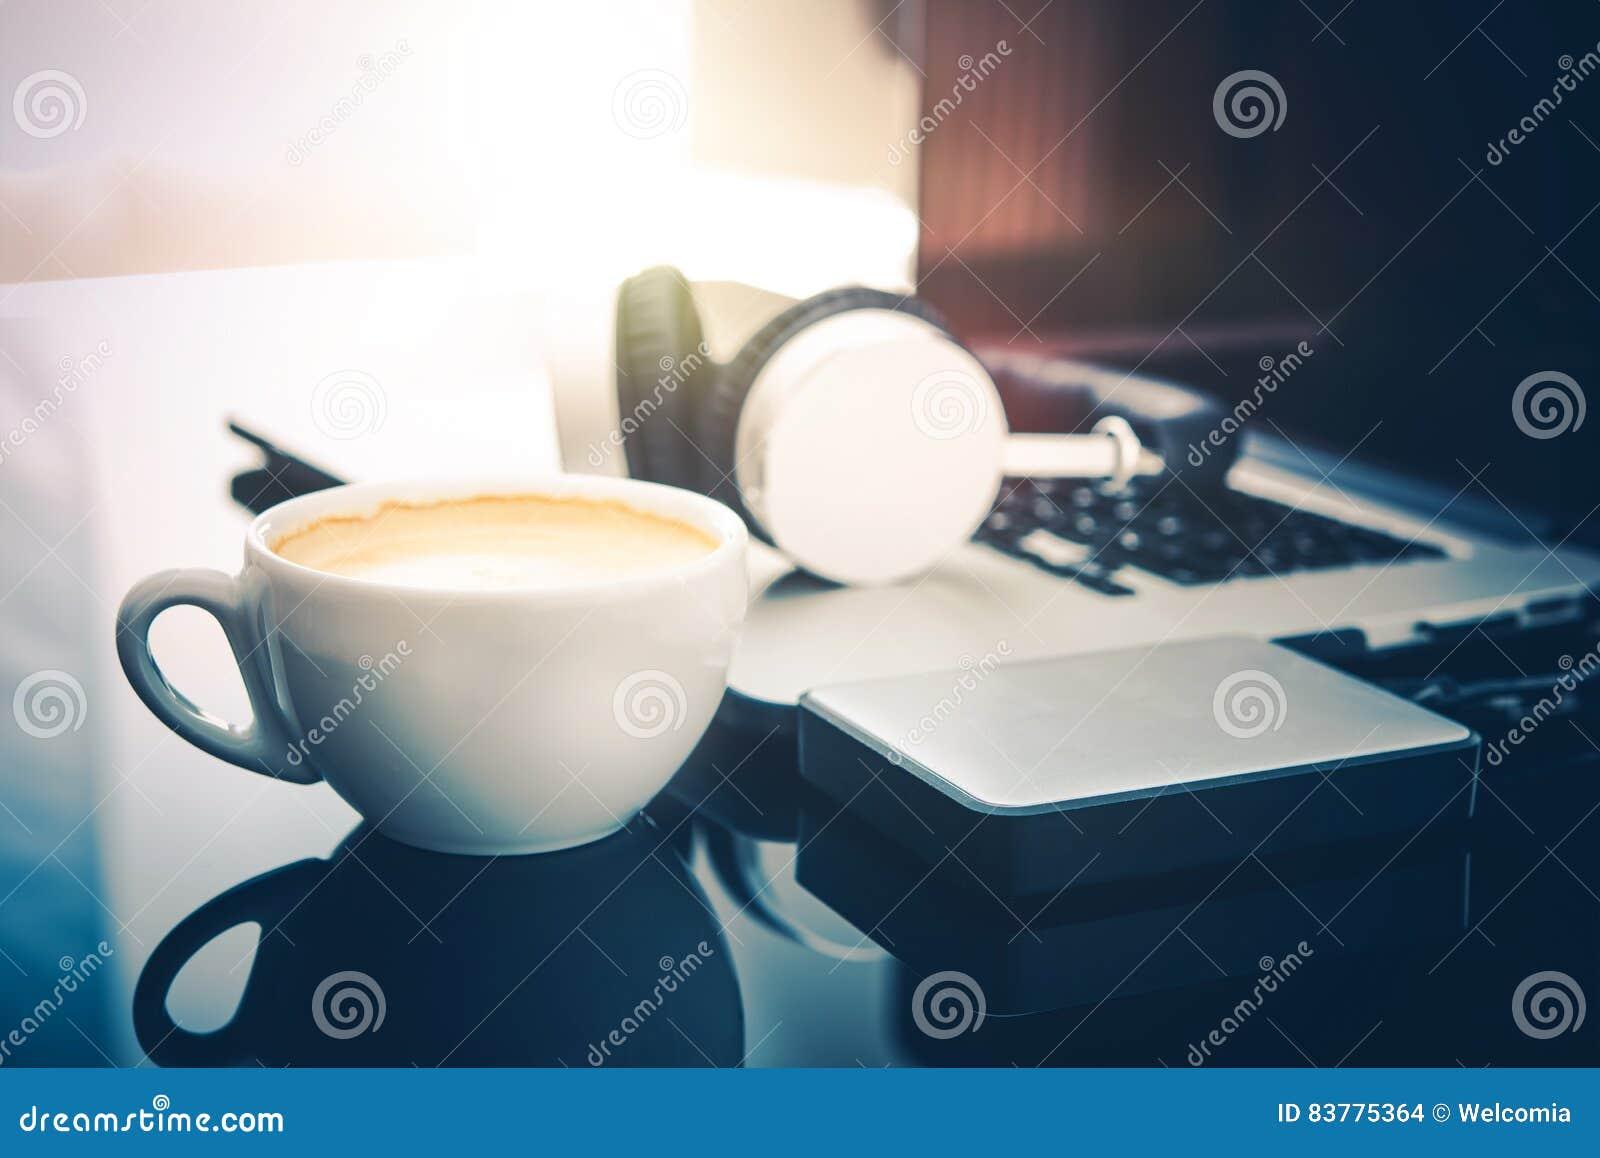 Descanso para tomar café del Freelancer